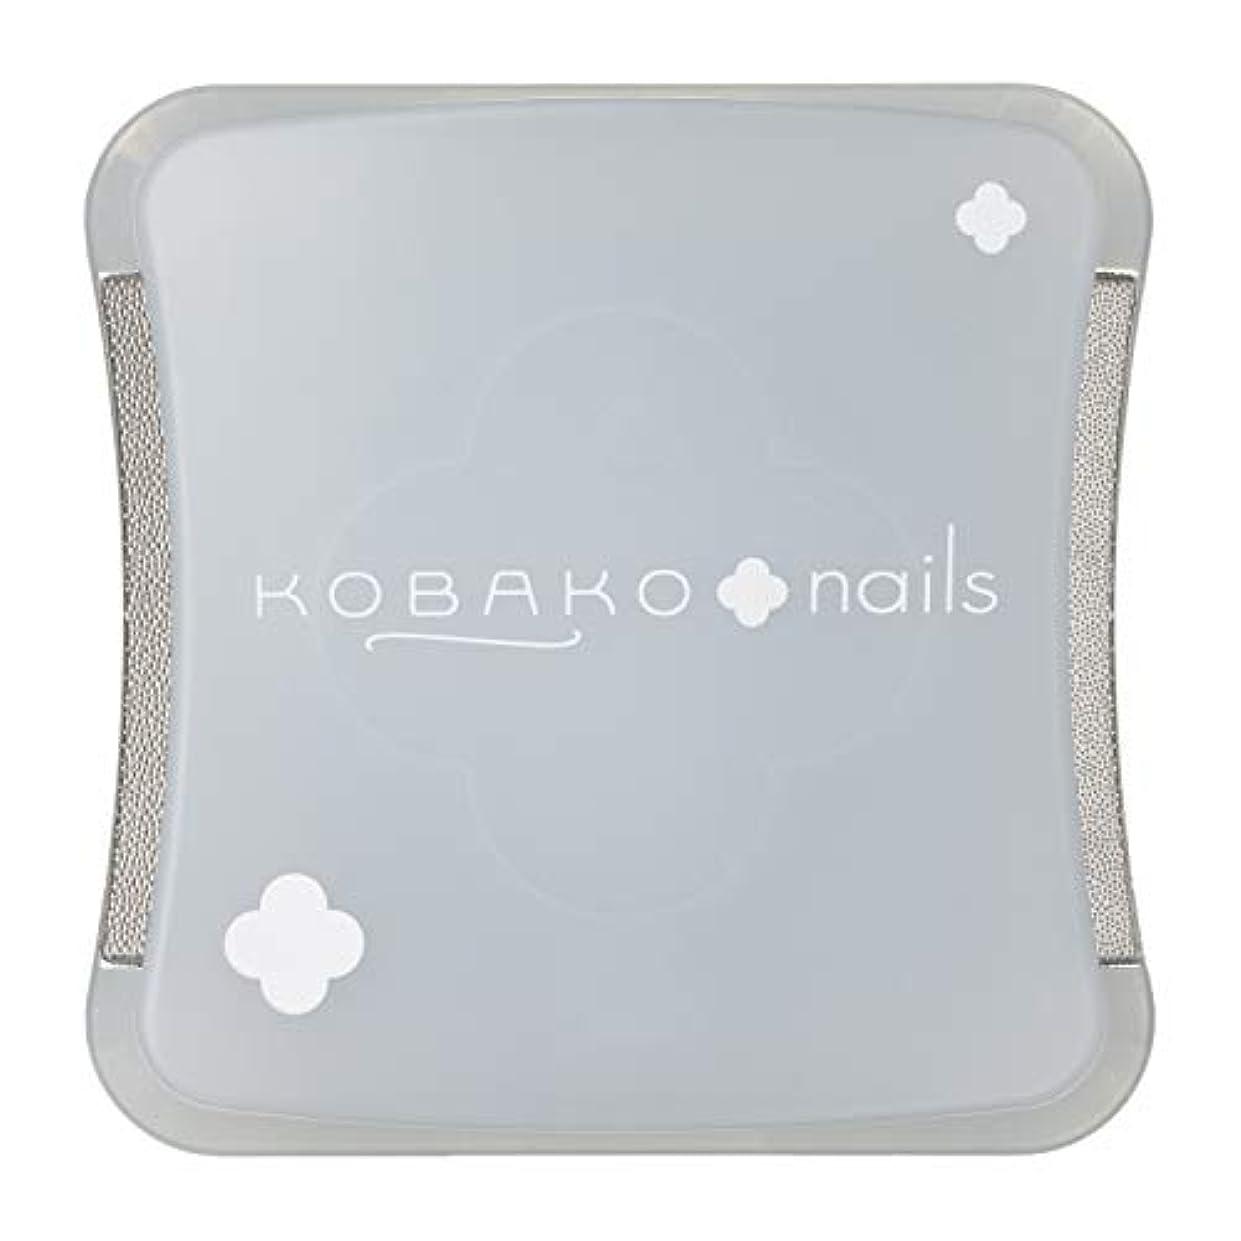 メルボルン貴重な抹消KOBAKO(コバコ) コンパクトネイルファイル